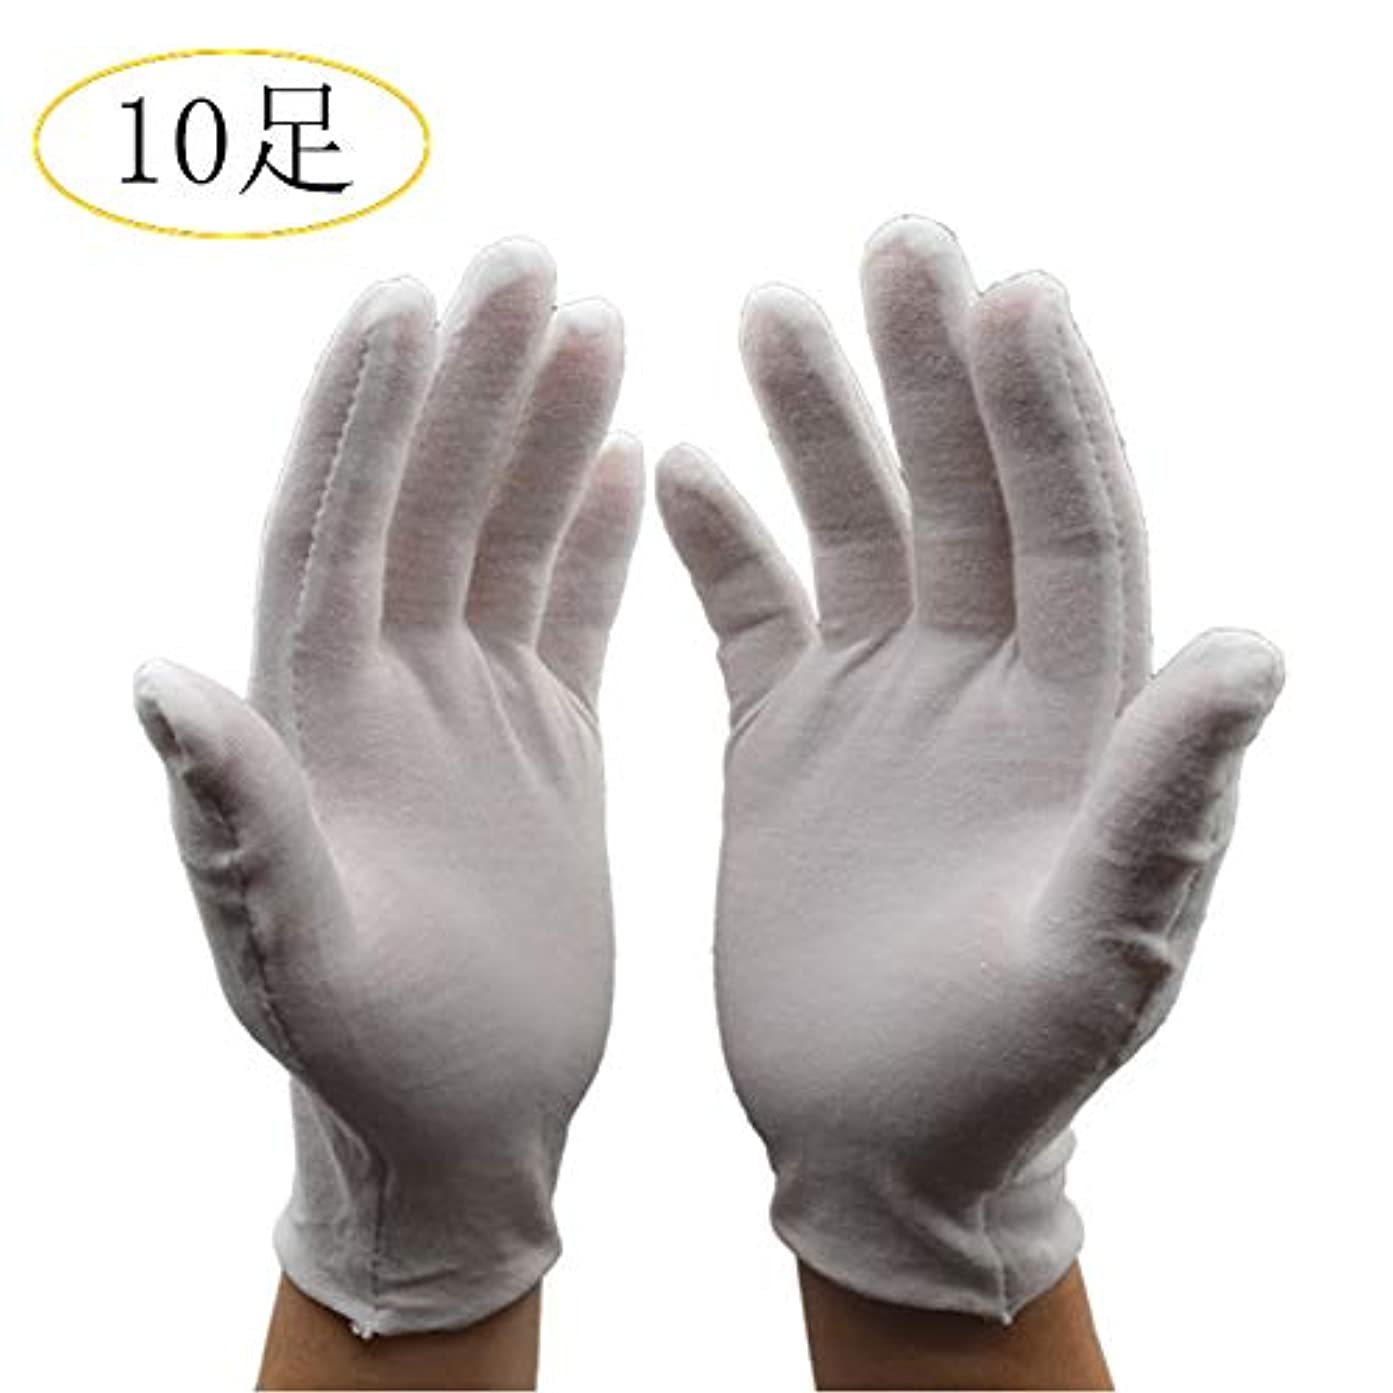 安全な成功ホームZMiw コットン手袋 綿手袋 インナーコットン手袋 ガーデニング用手袋 20枚入り 手荒れ 手袋 Sサイズ 湿疹用 乾燥肌用 保湿用 家事用 礼装用